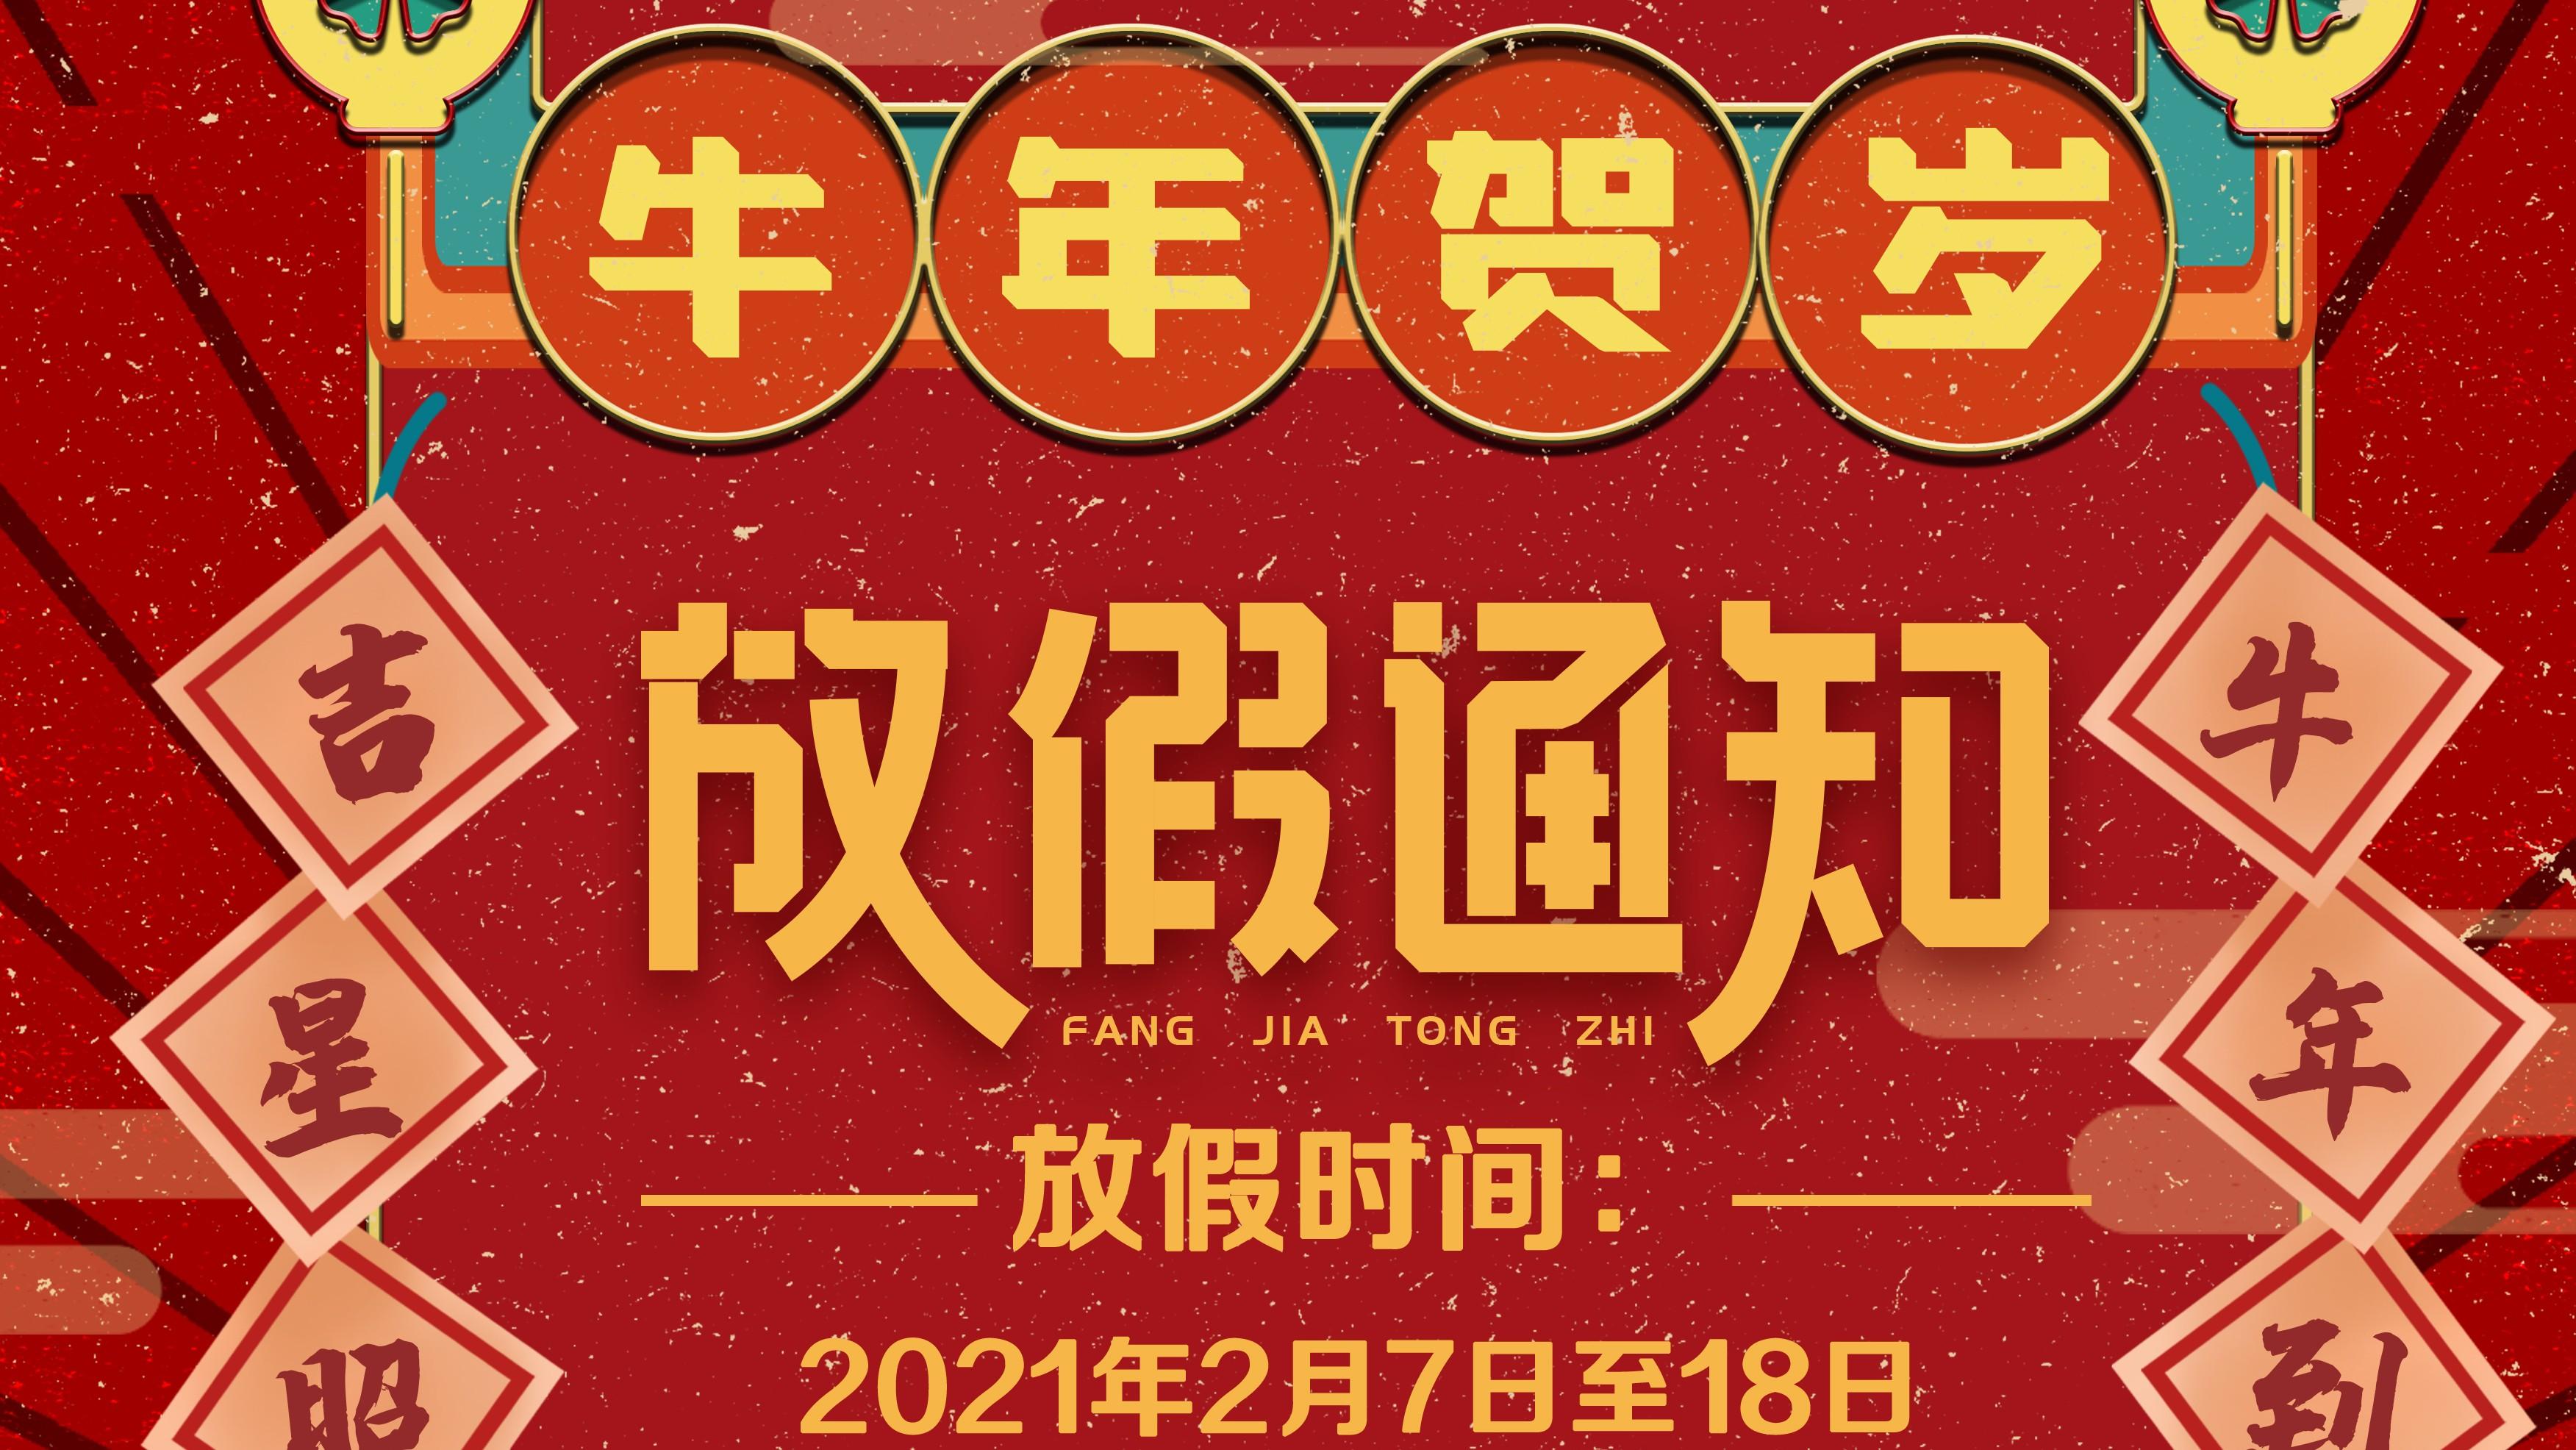 【融智兴科技】2021年春节放假通知